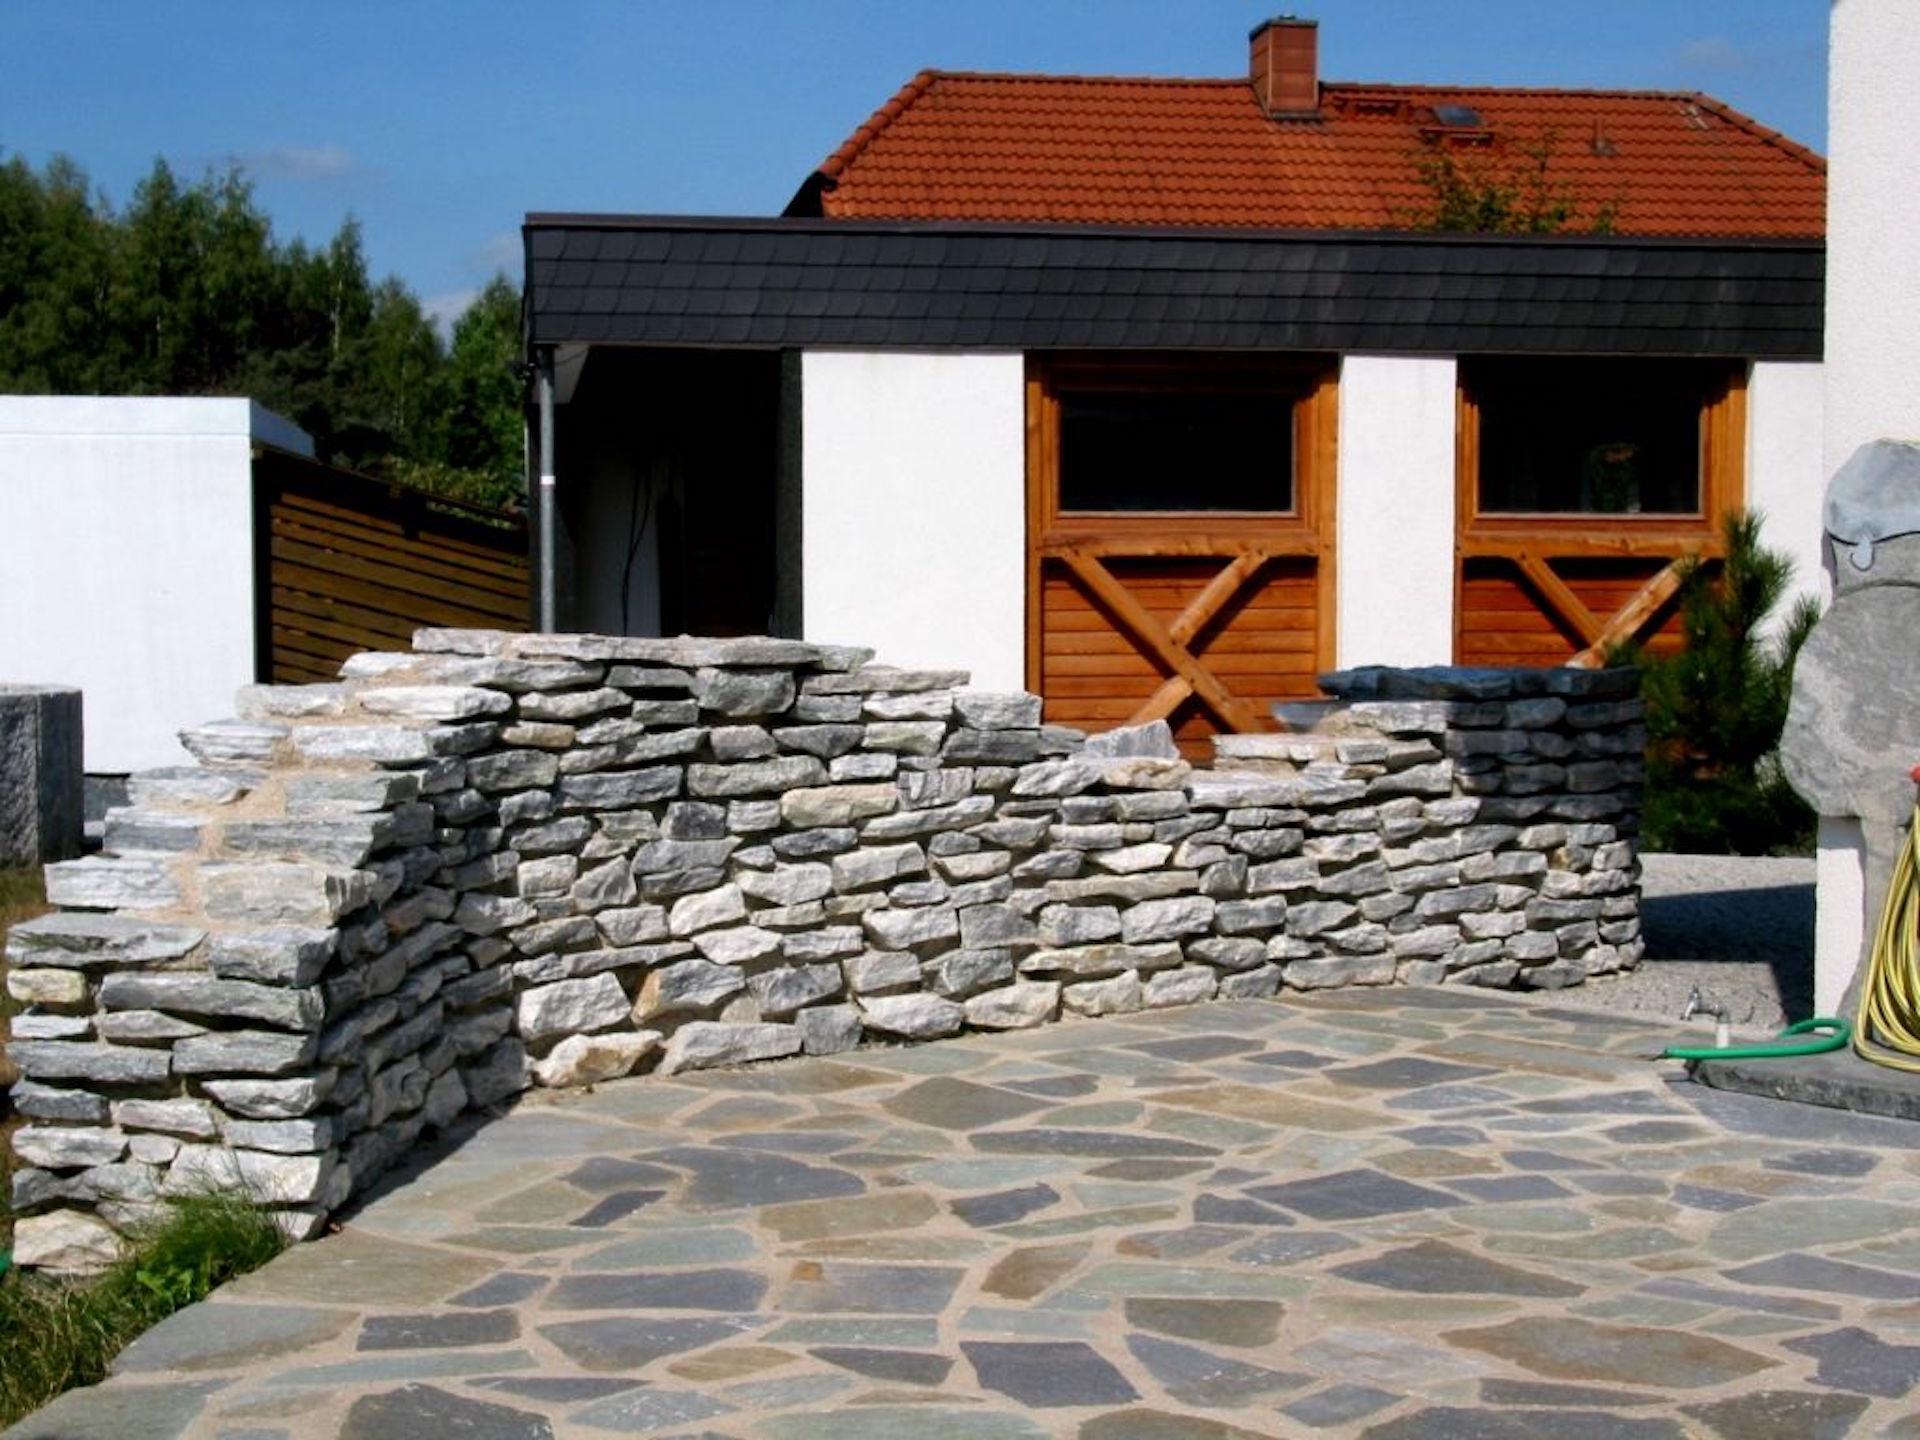 Natursteinterrasse mit Natursteinmauer